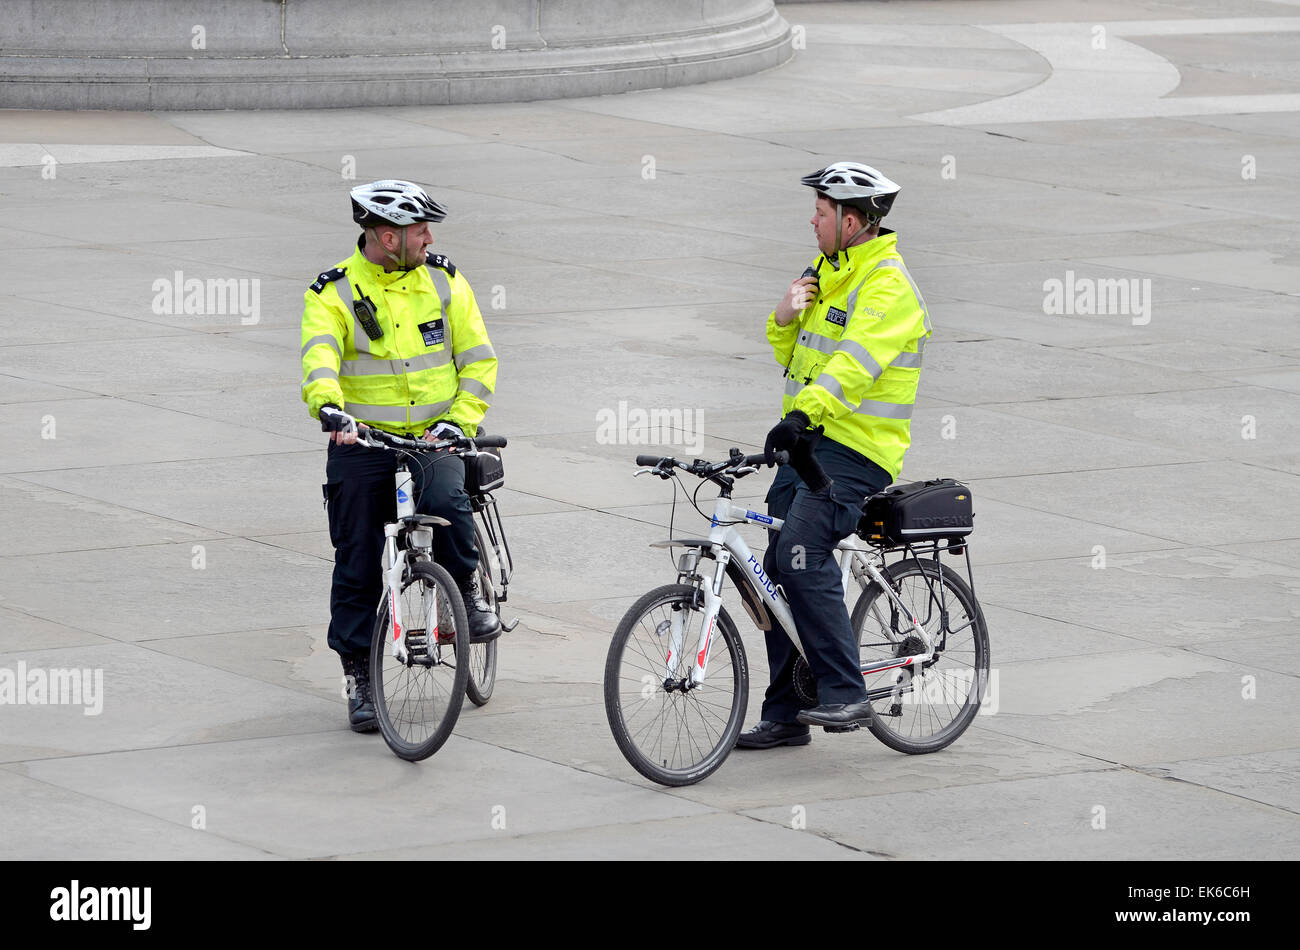 Londres, Inglaterra, Reino Unido. Funcionarios de la policía metropolitana en bicicletas en Trafalgar Square Foto de stock